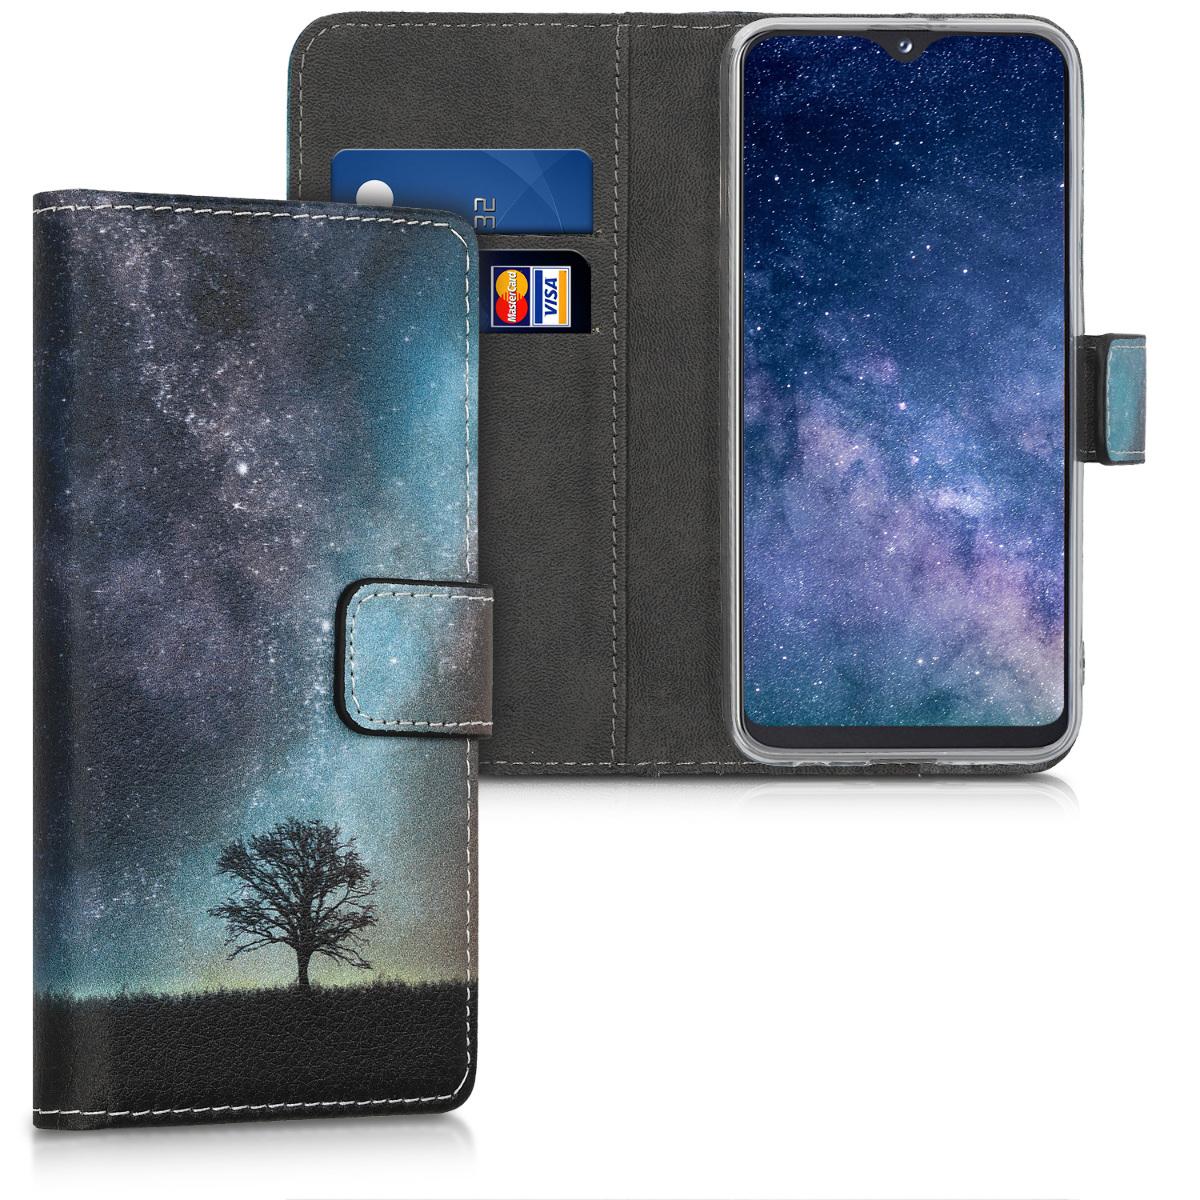 KW Θήκη - Πορτοφόλι Samsung Galaxy A20e - Blue / Grey / Black (48742.03 )